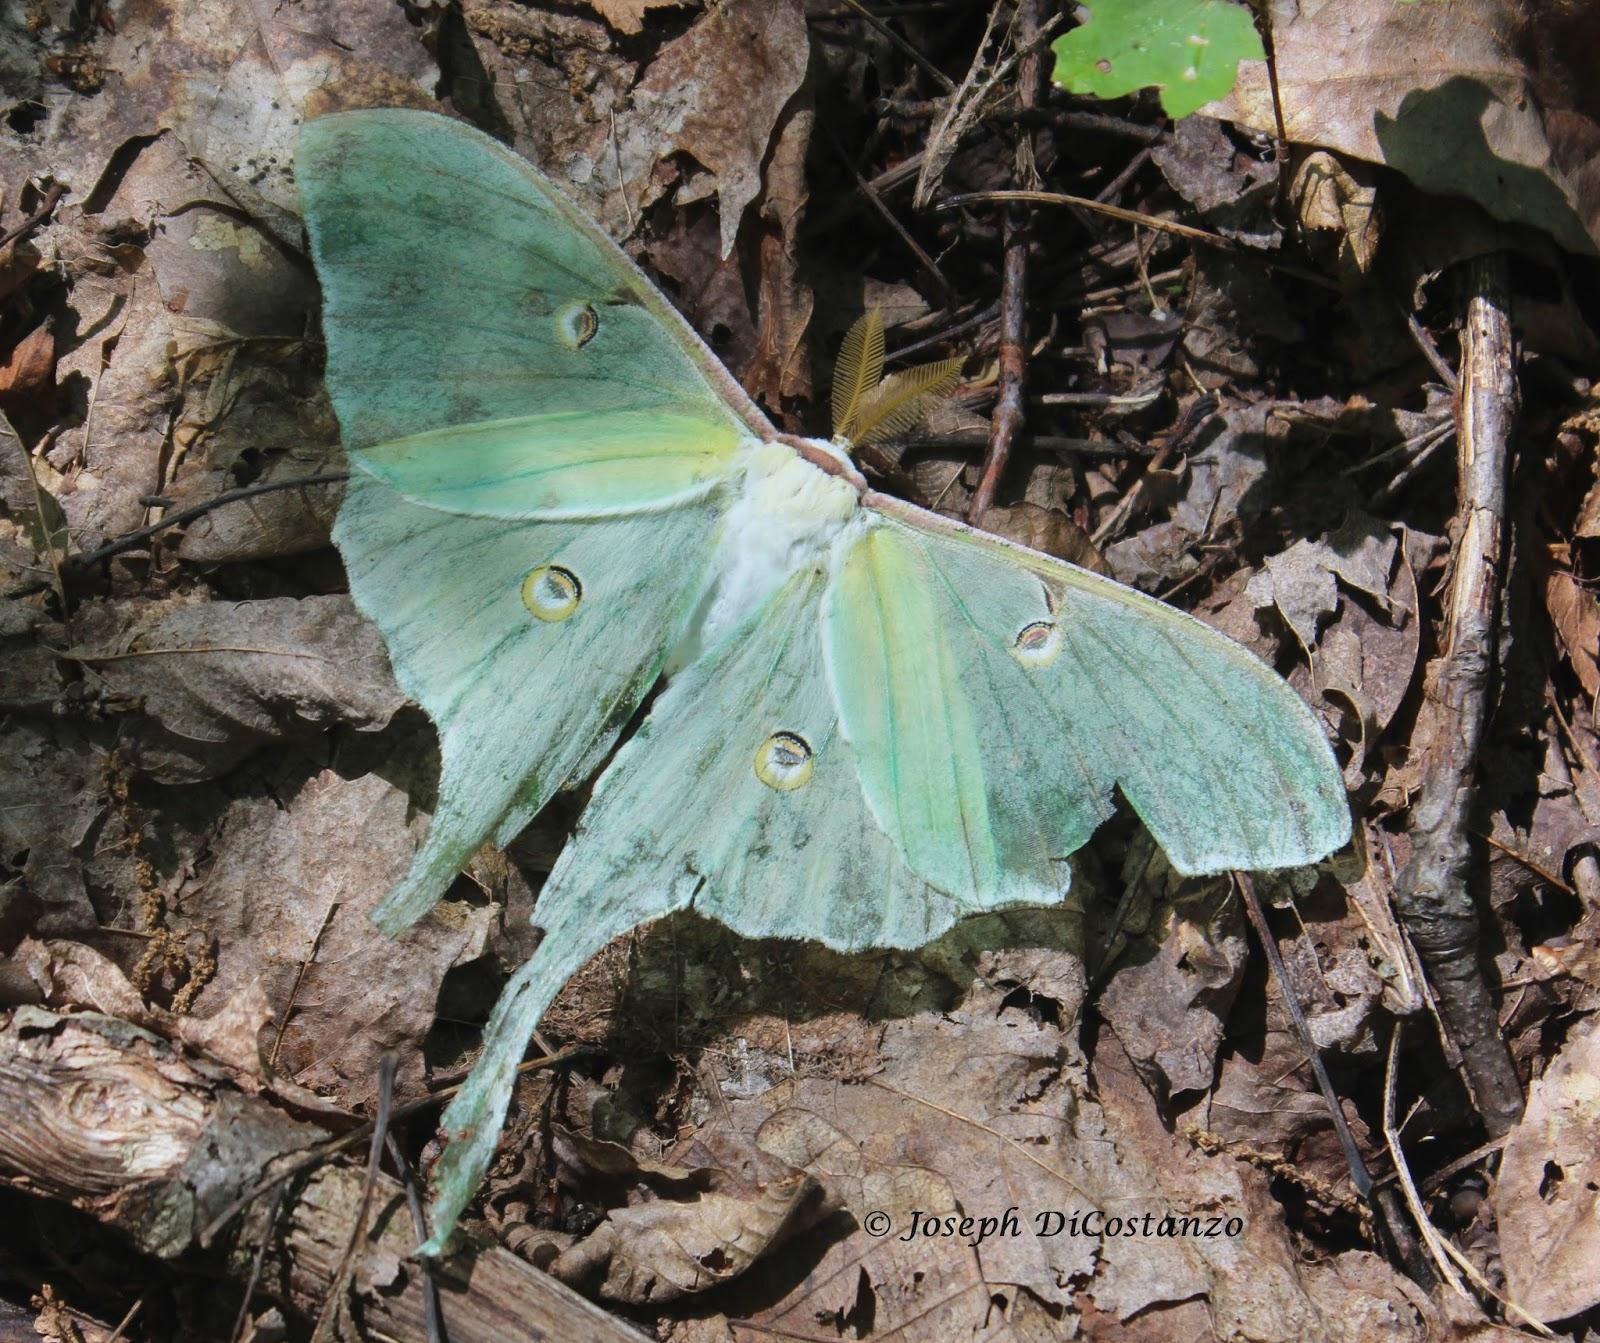 Inwood Birder: July - Moths, Butterflies, Amphibians, and Birds